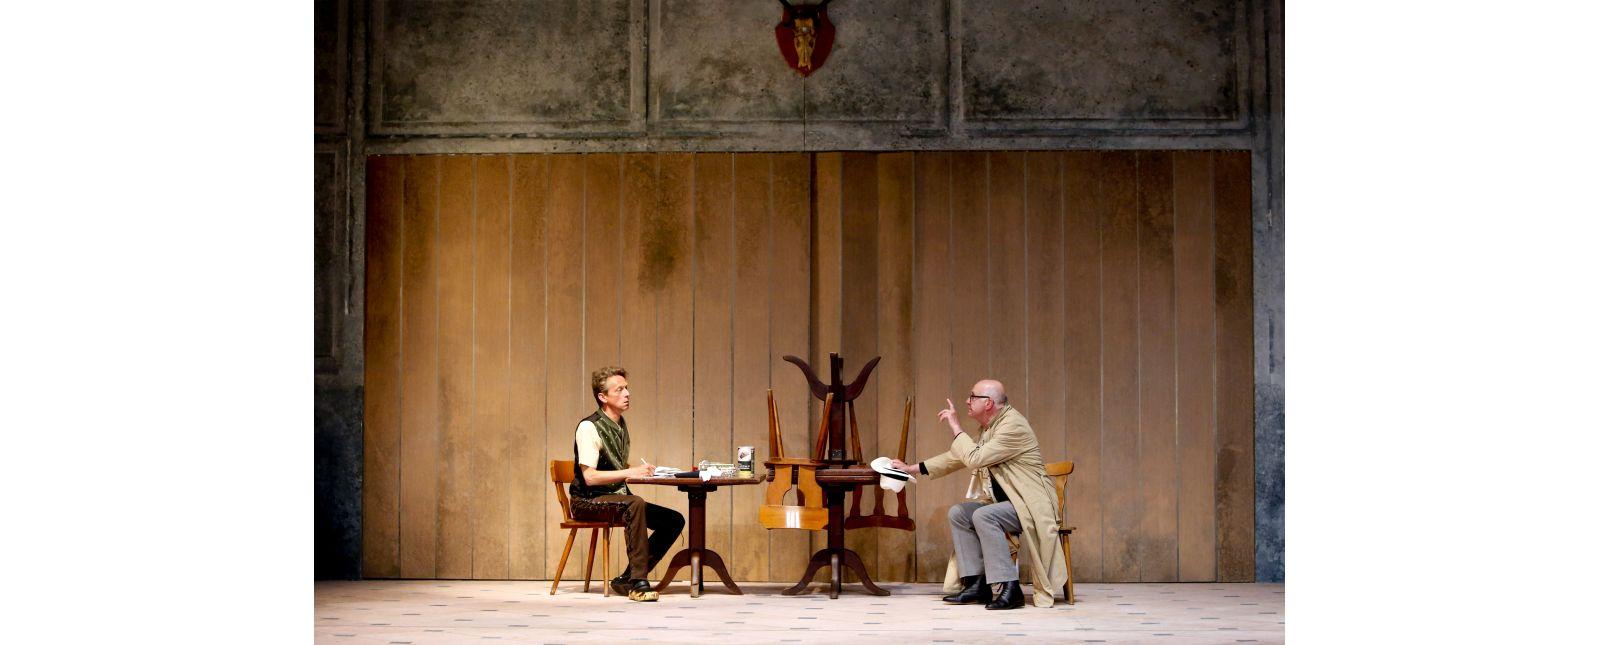 Der Theatermacher // Martin Müller-Reisinger, Hartmut Stanke // 2017 // Birgit Hupfeld